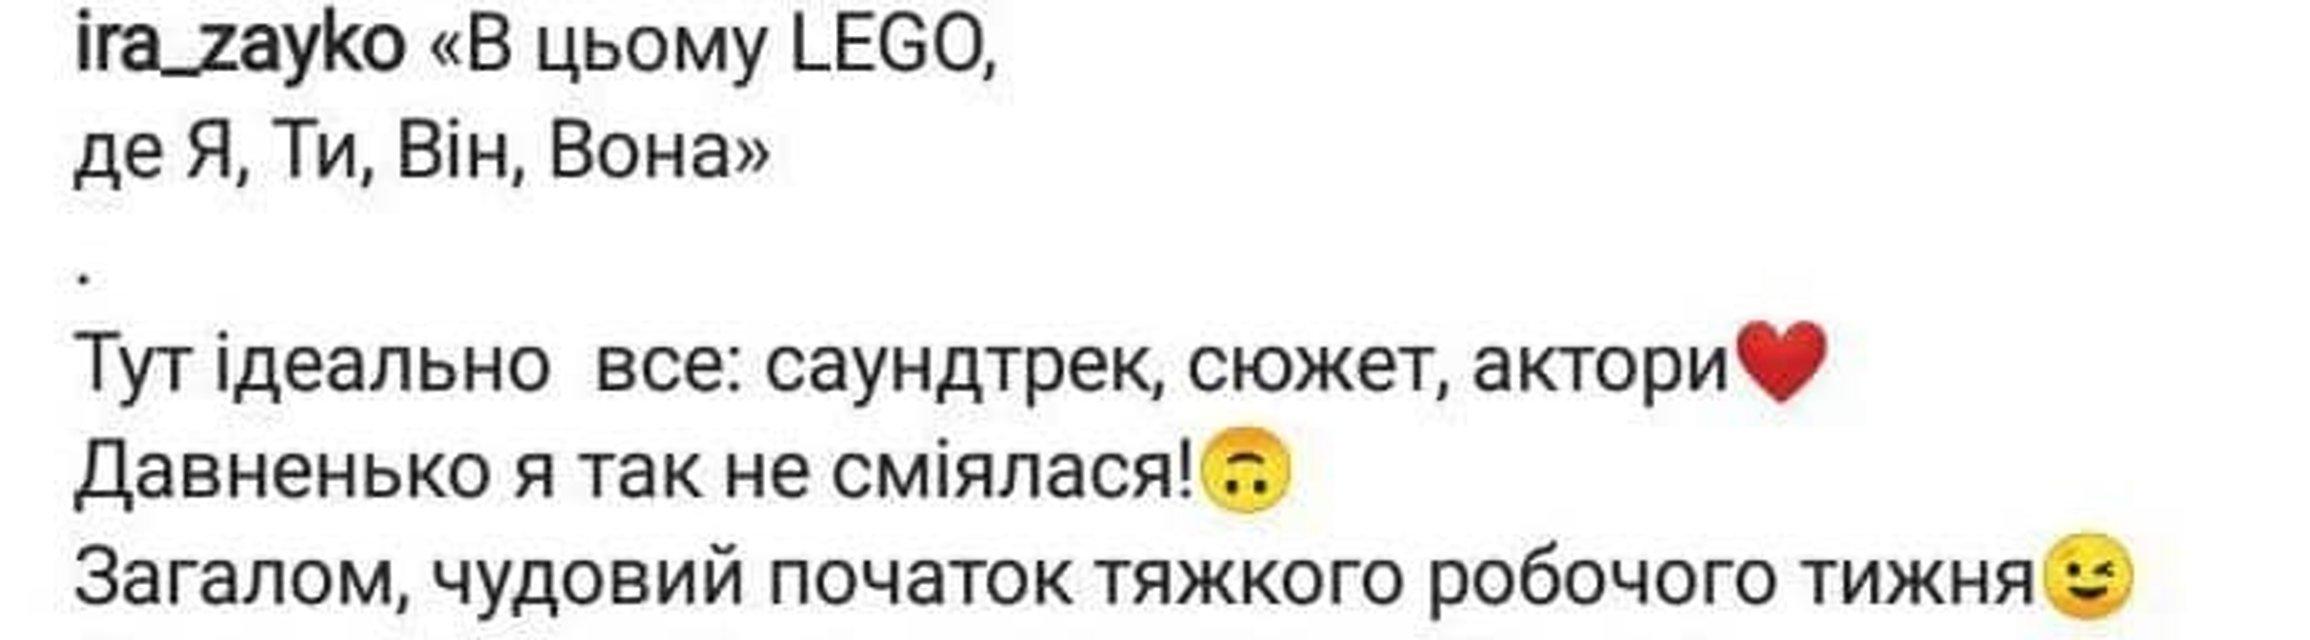 Признания актеров и впечатления зрителей: в Киеве состоялась премьера 'Я, ты, он, она' - фото 165322